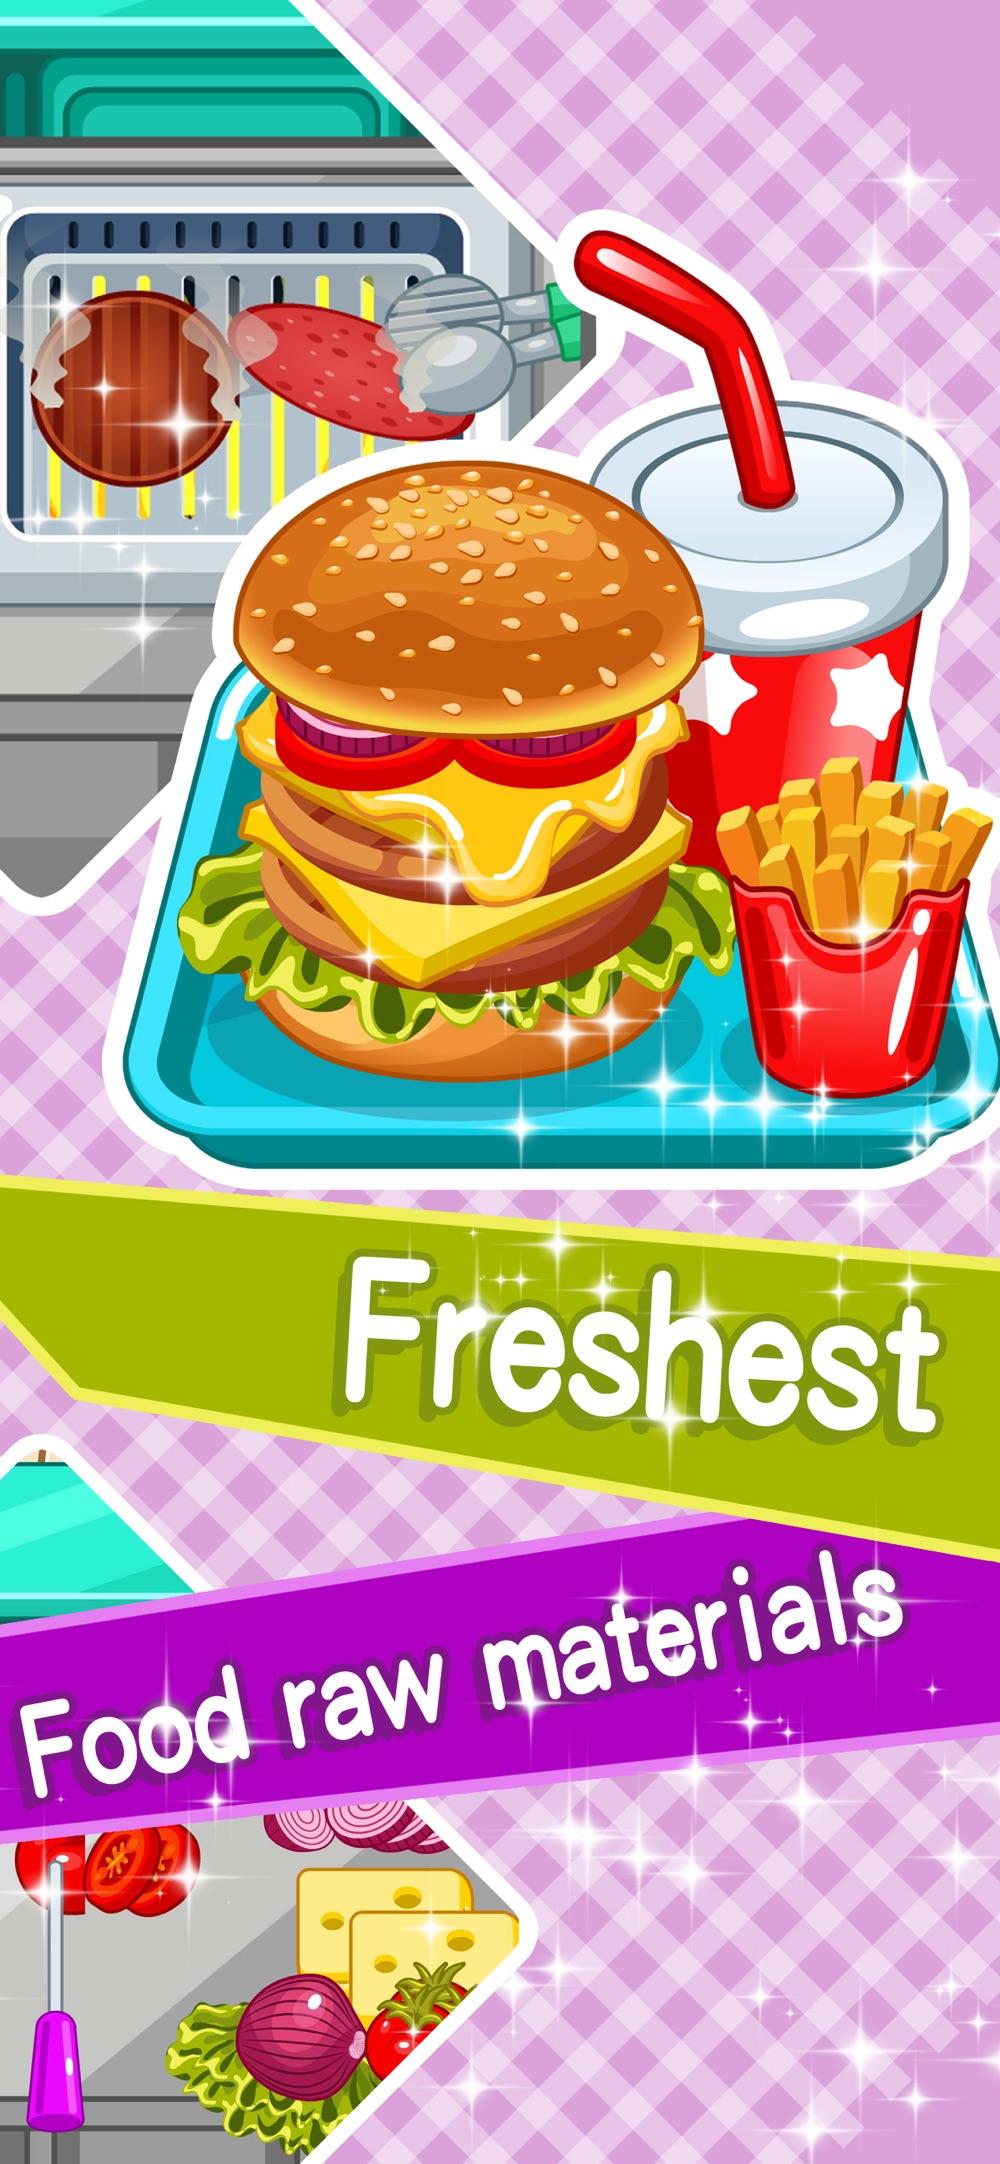 Make hamburgers -Cooking games Cheat Codes